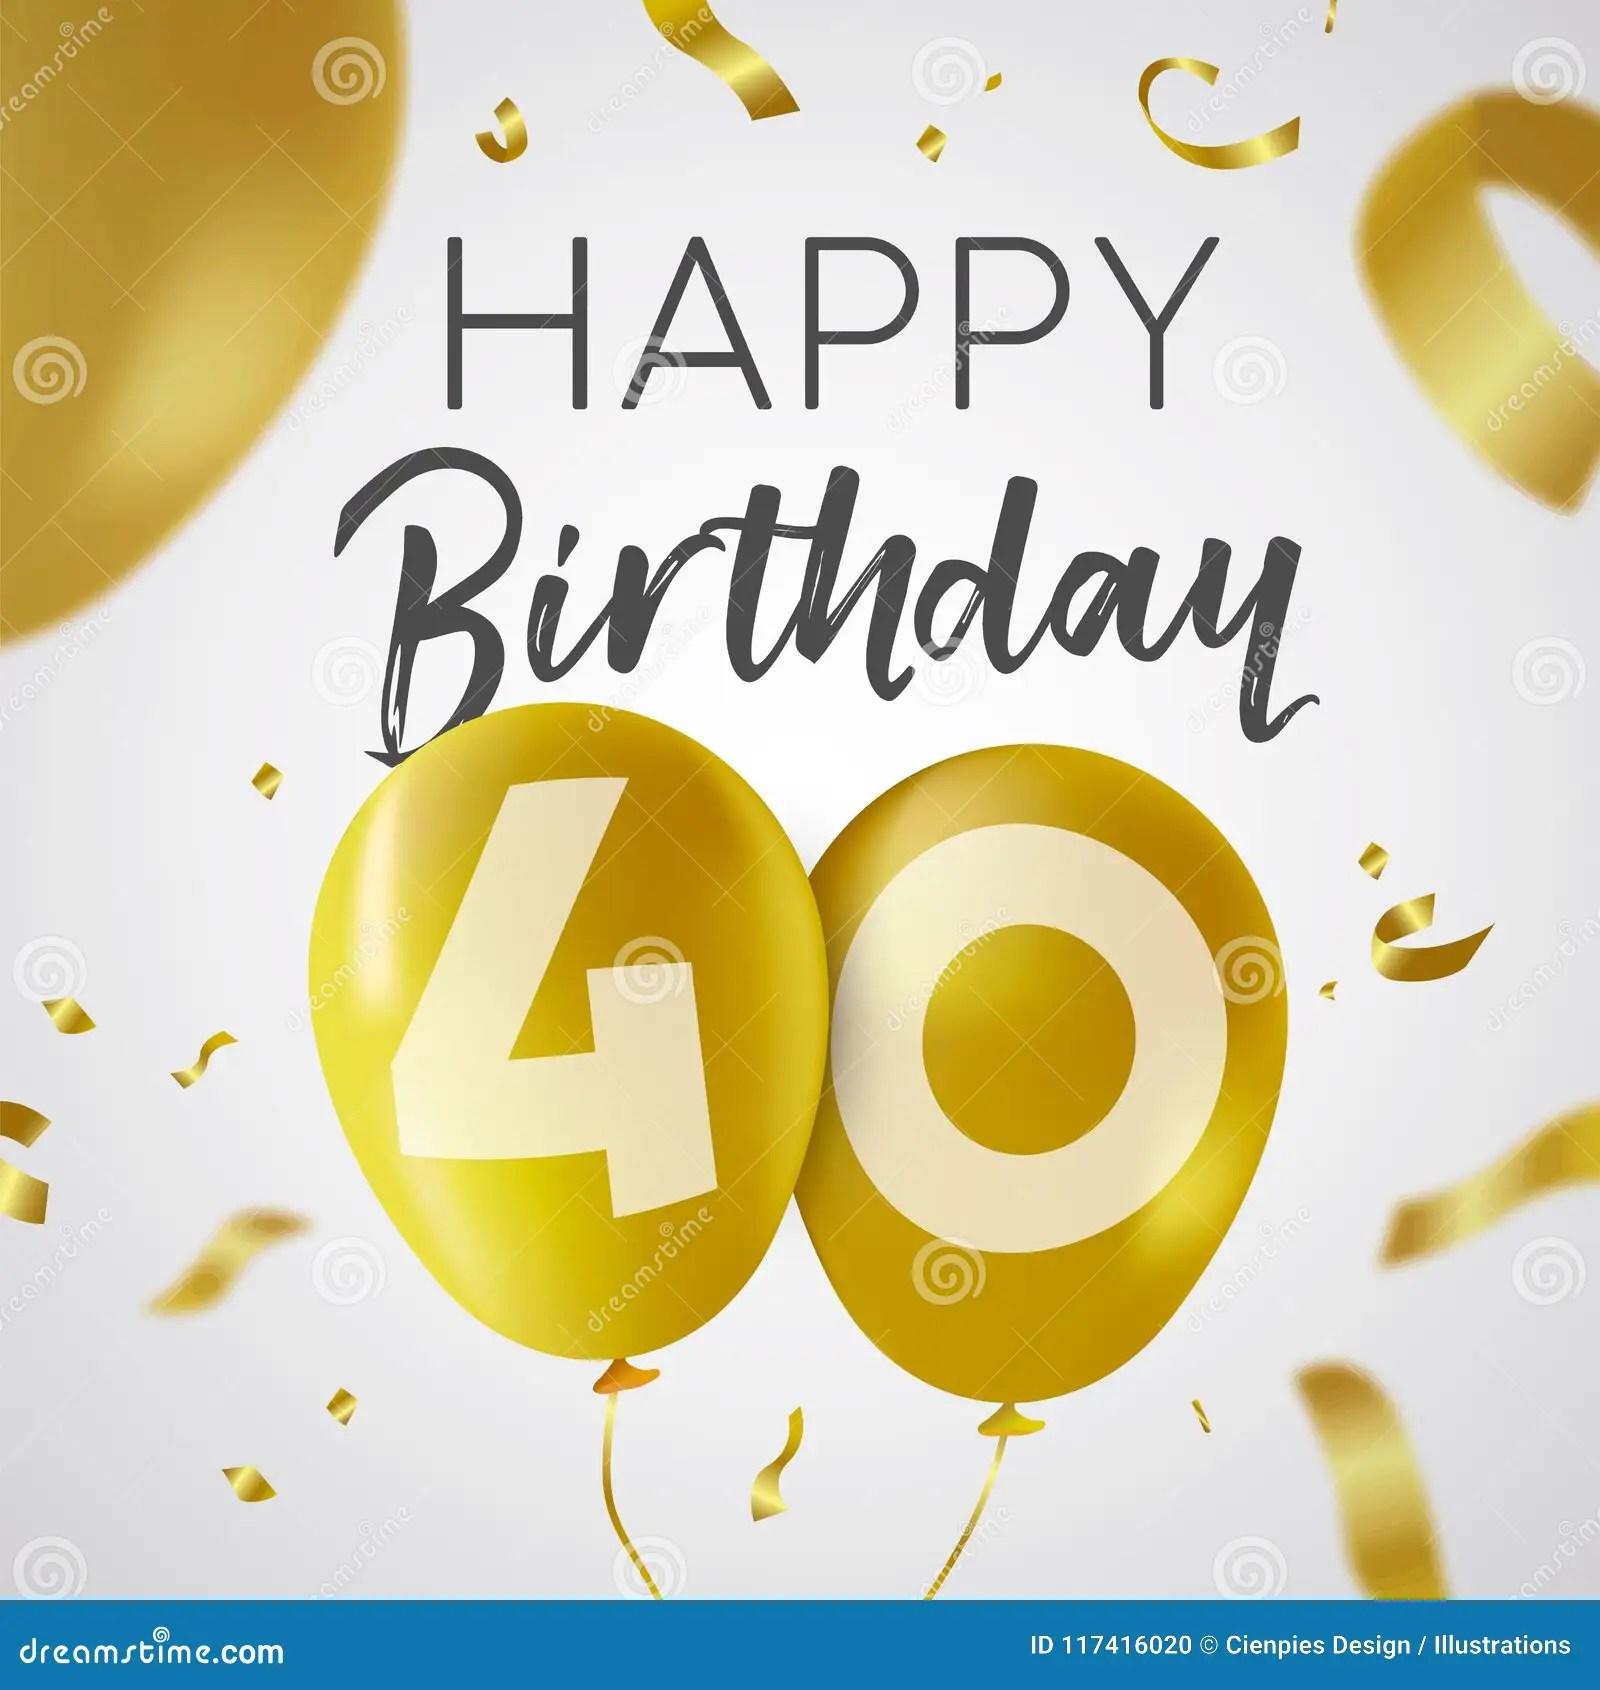 https fr dreamstime com joyeux anniversaire carte ballon d or quarante ans image117416020